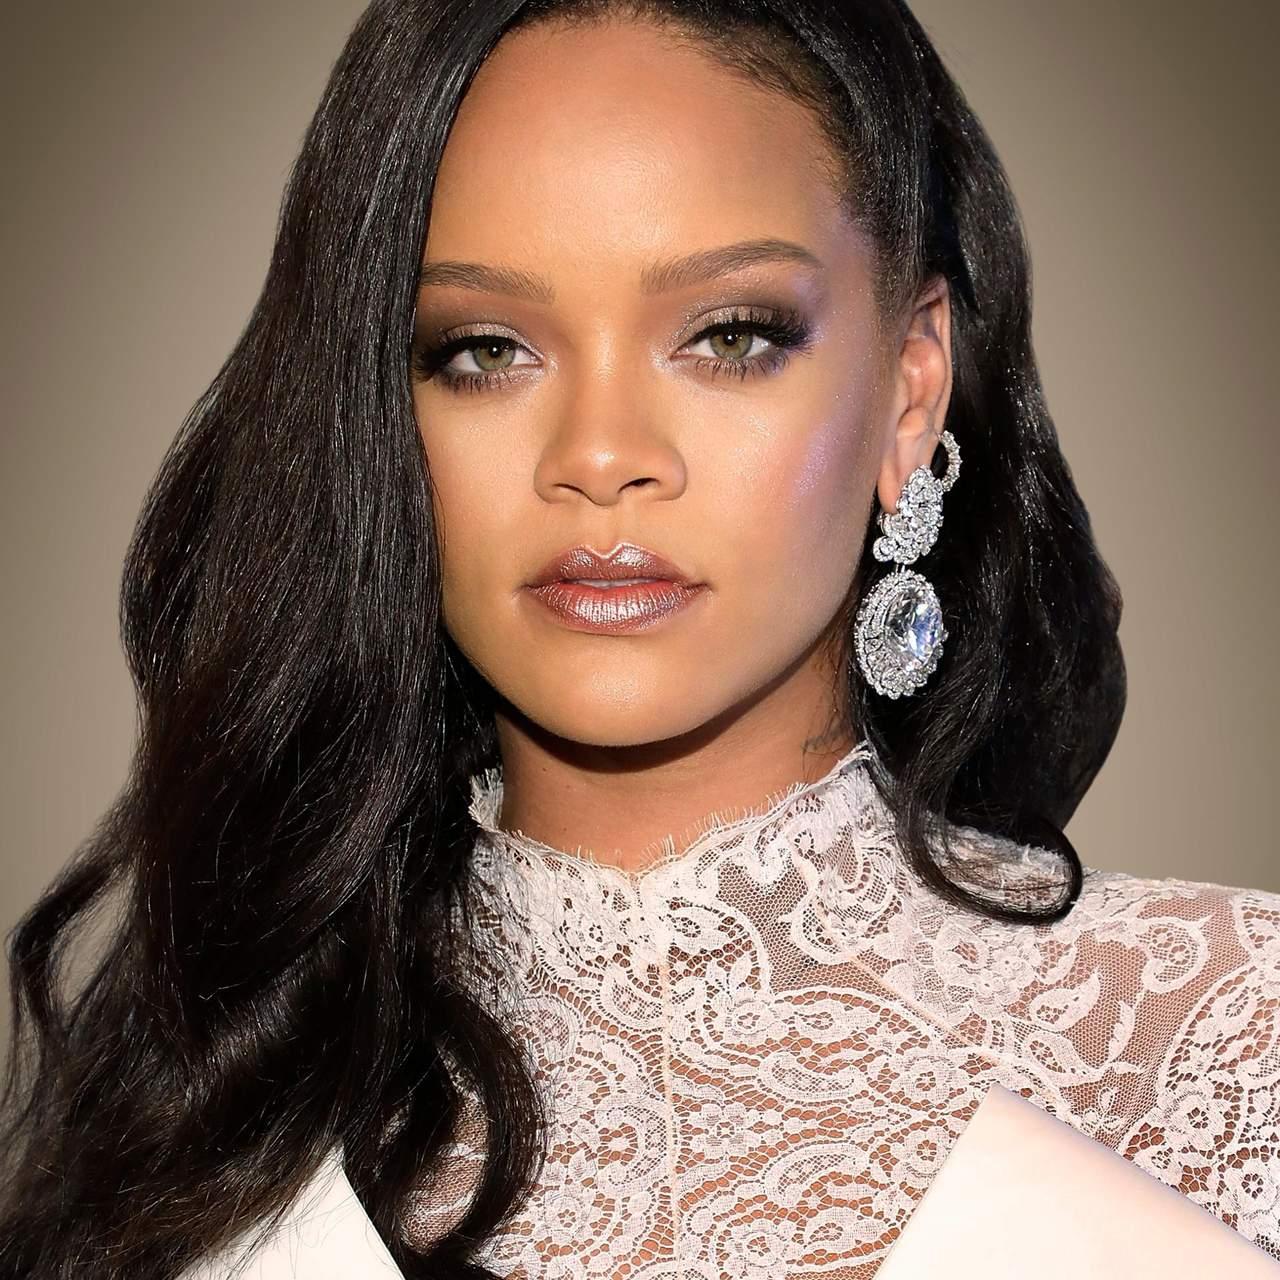 """Novo álbum de Rihanna a caminho: """"Vocês não estão à espera do que vão ouvir"""""""